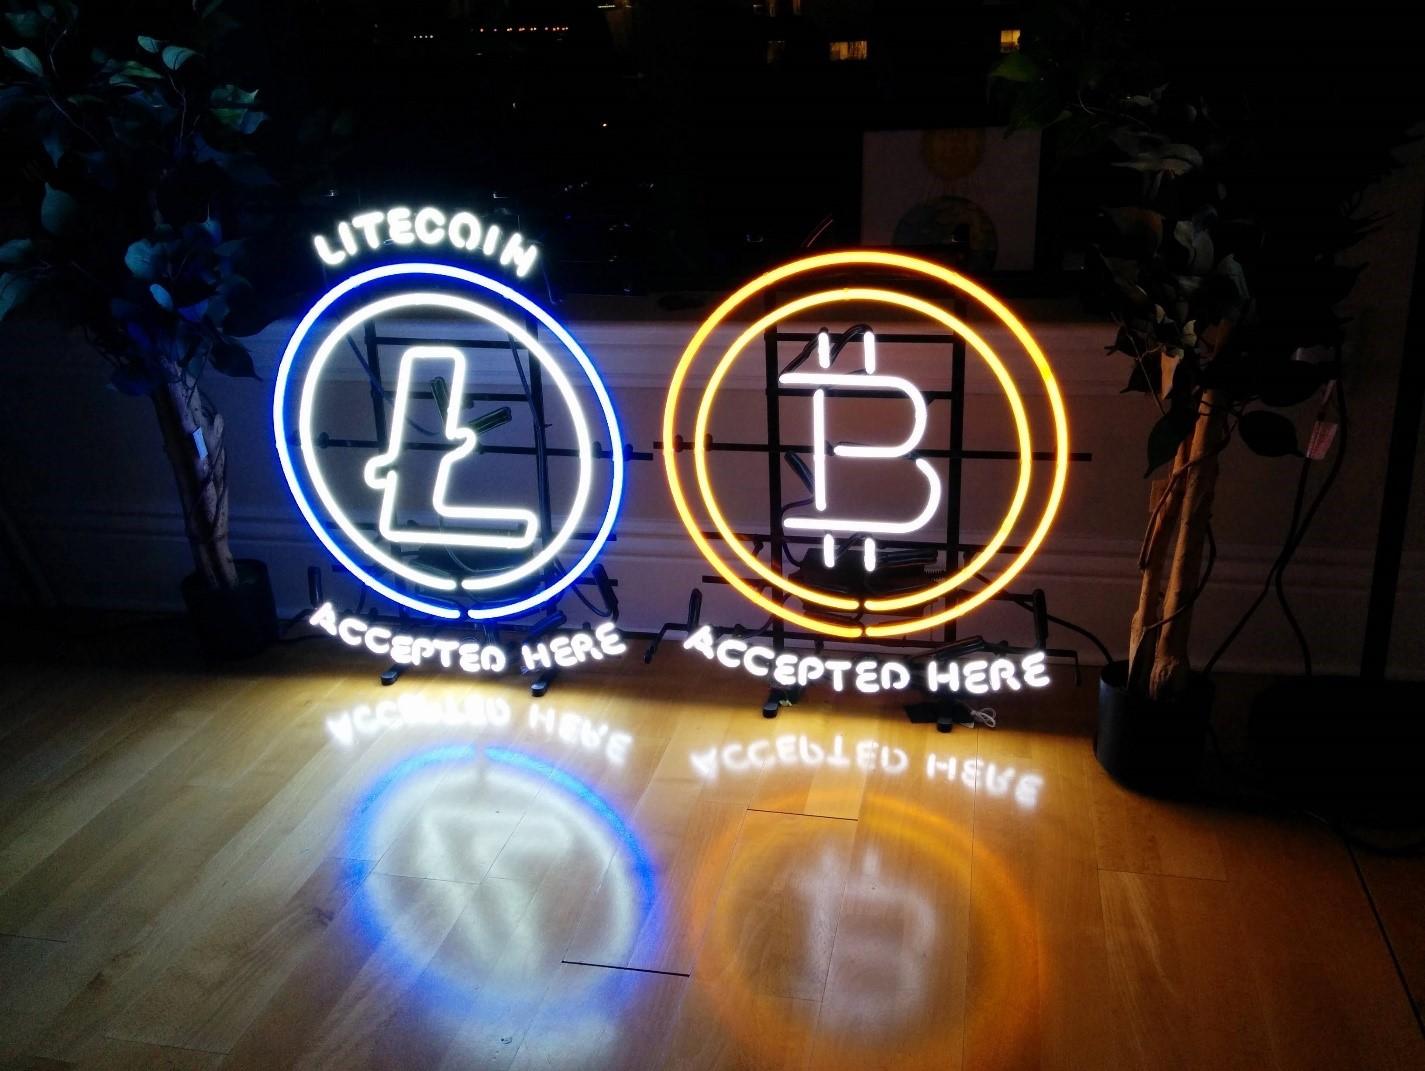 uložite u bitcoin sada na 2500 razmišljati ili plivati trgujući bitcoinima